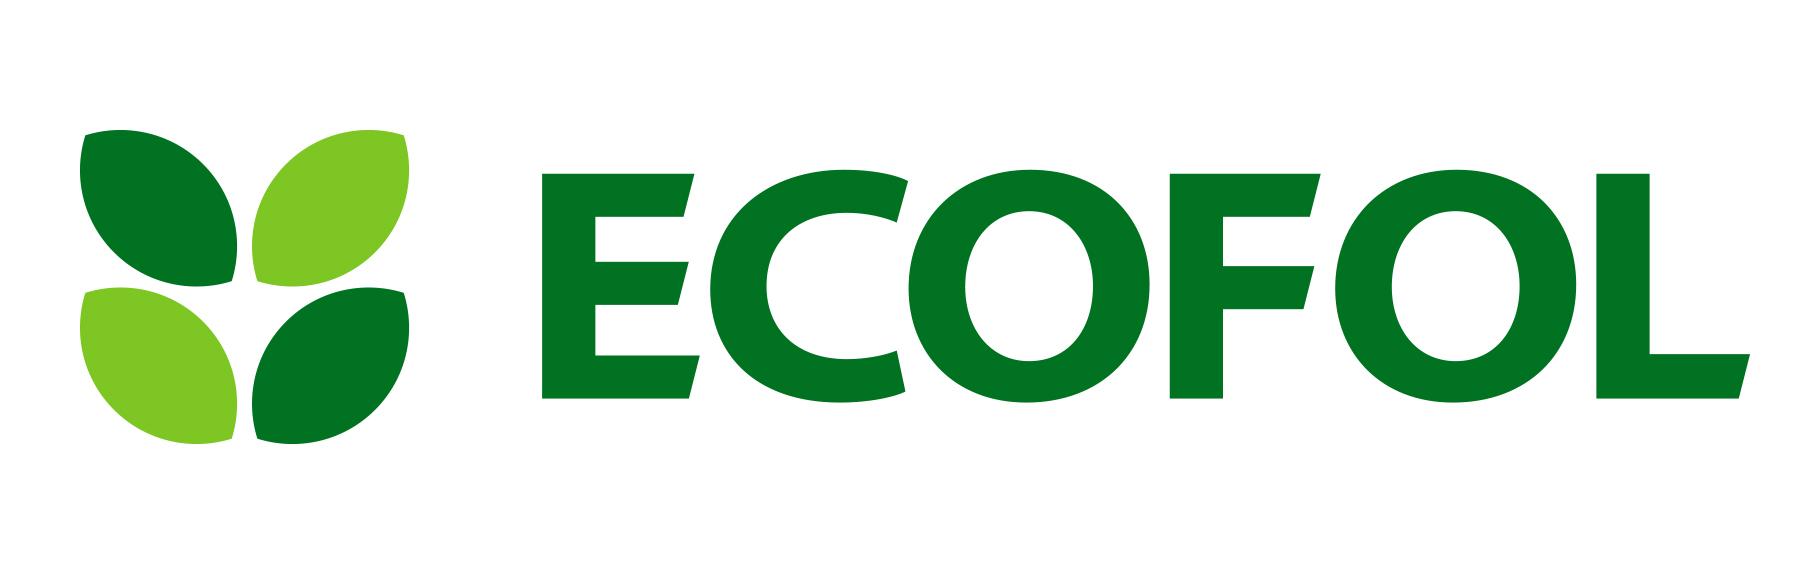 Знак и логотип